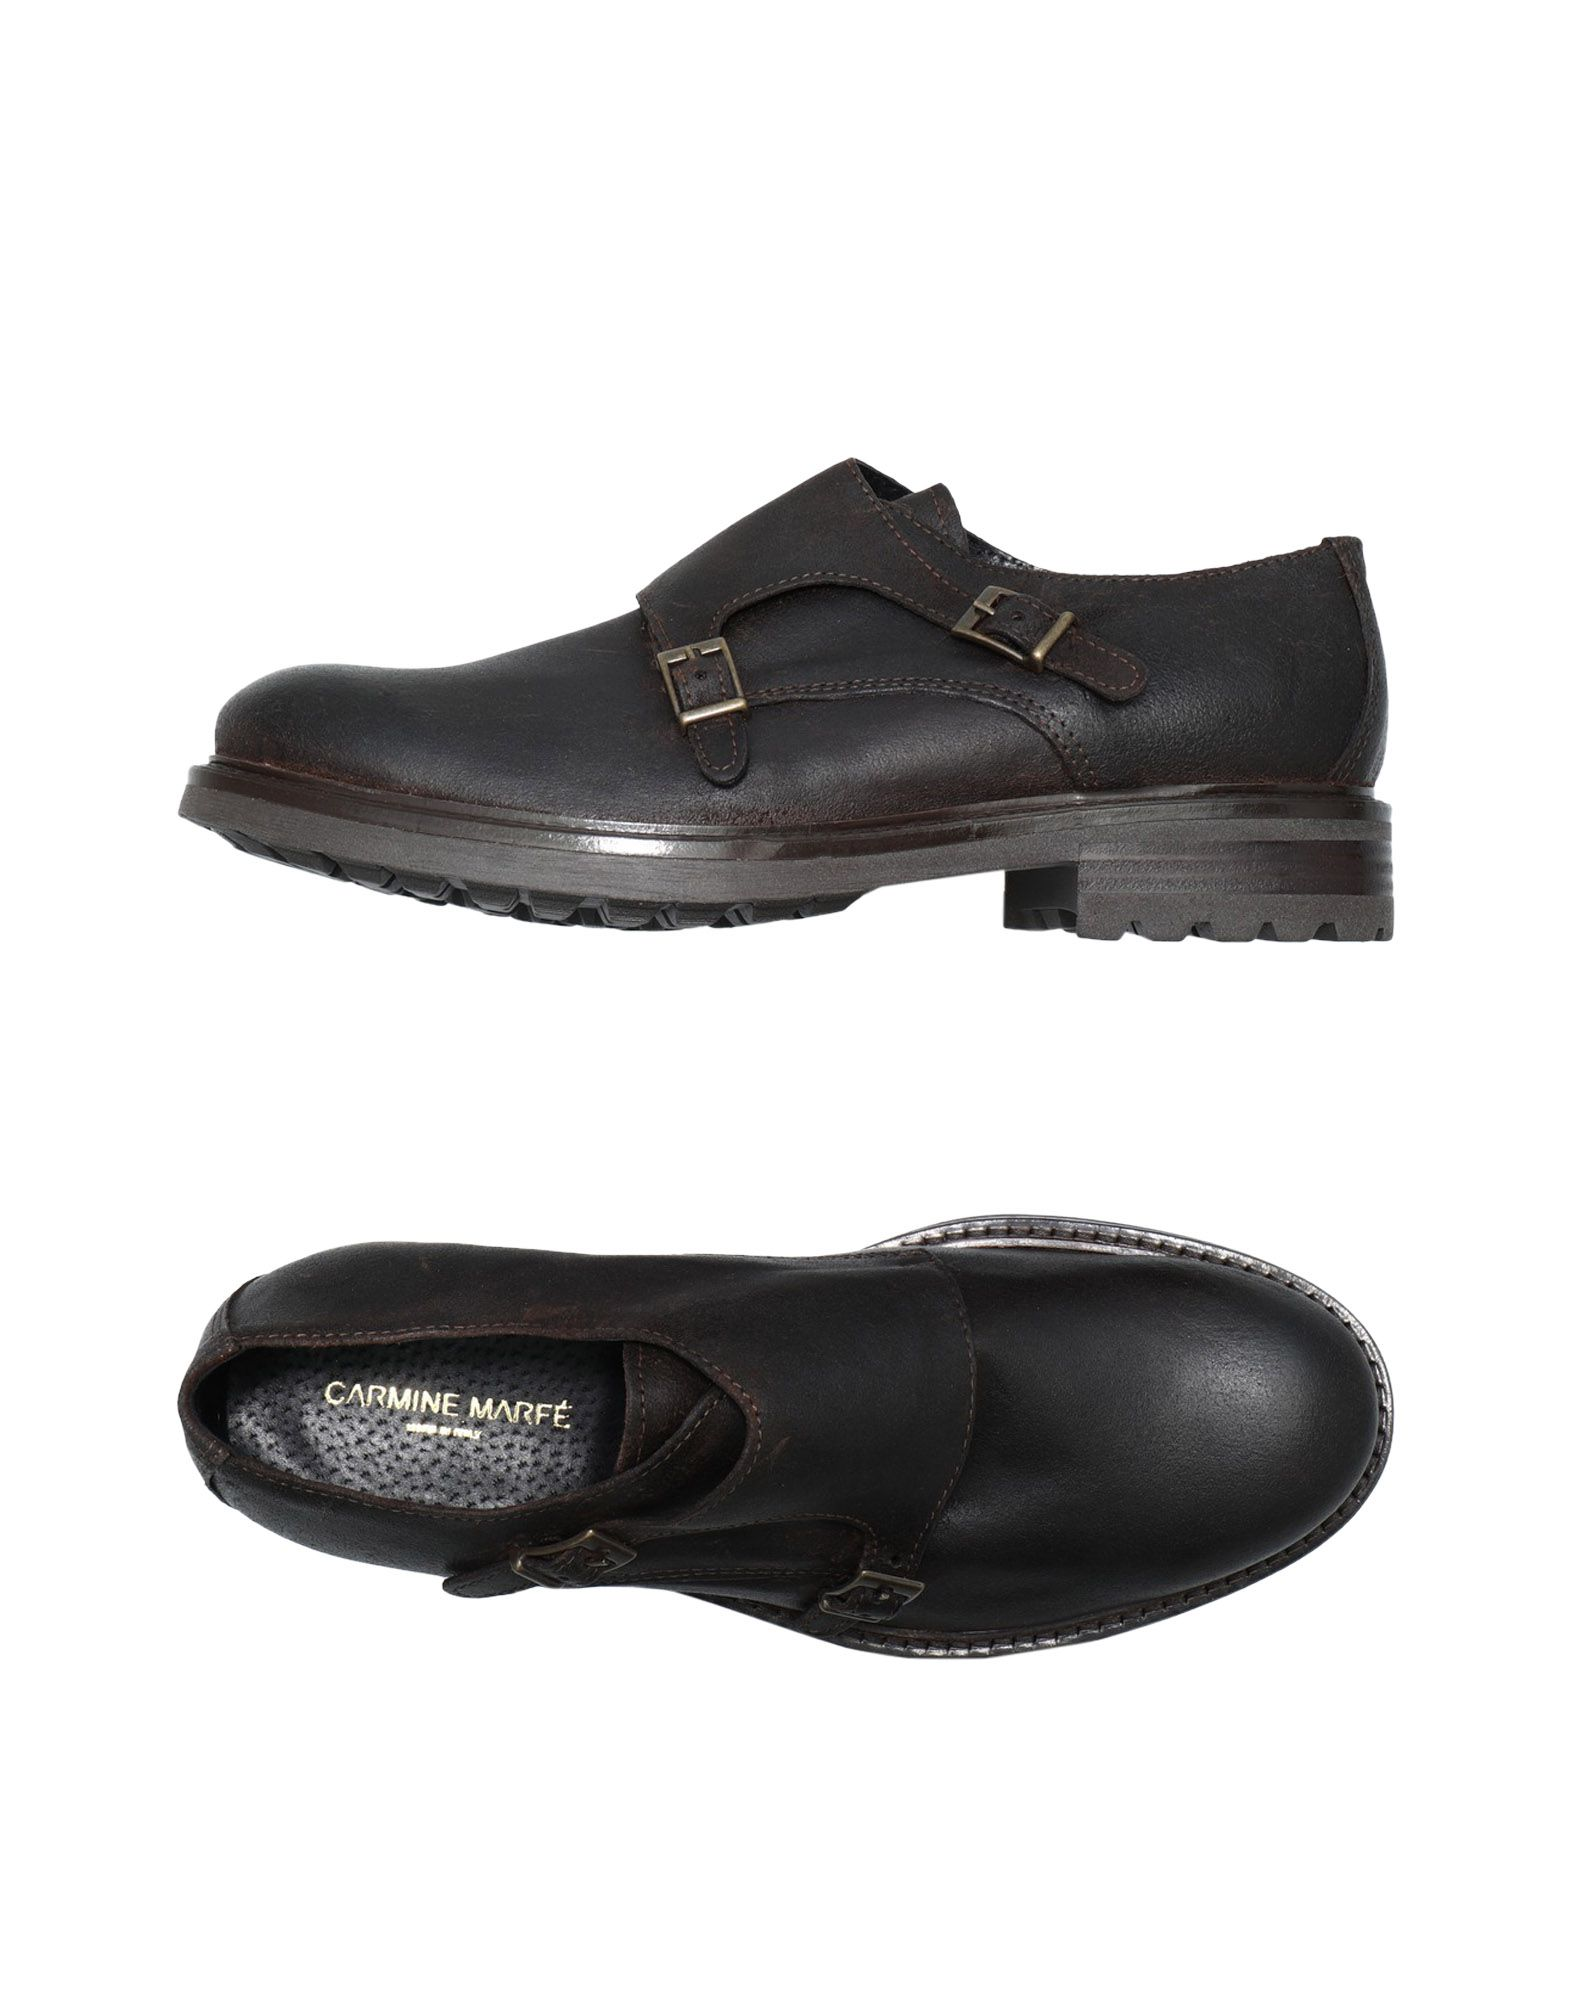 Carmine Marfé Mokassins Herren  11532562IM Gute Gute Gute Qualität beliebte Schuhe fa1c43